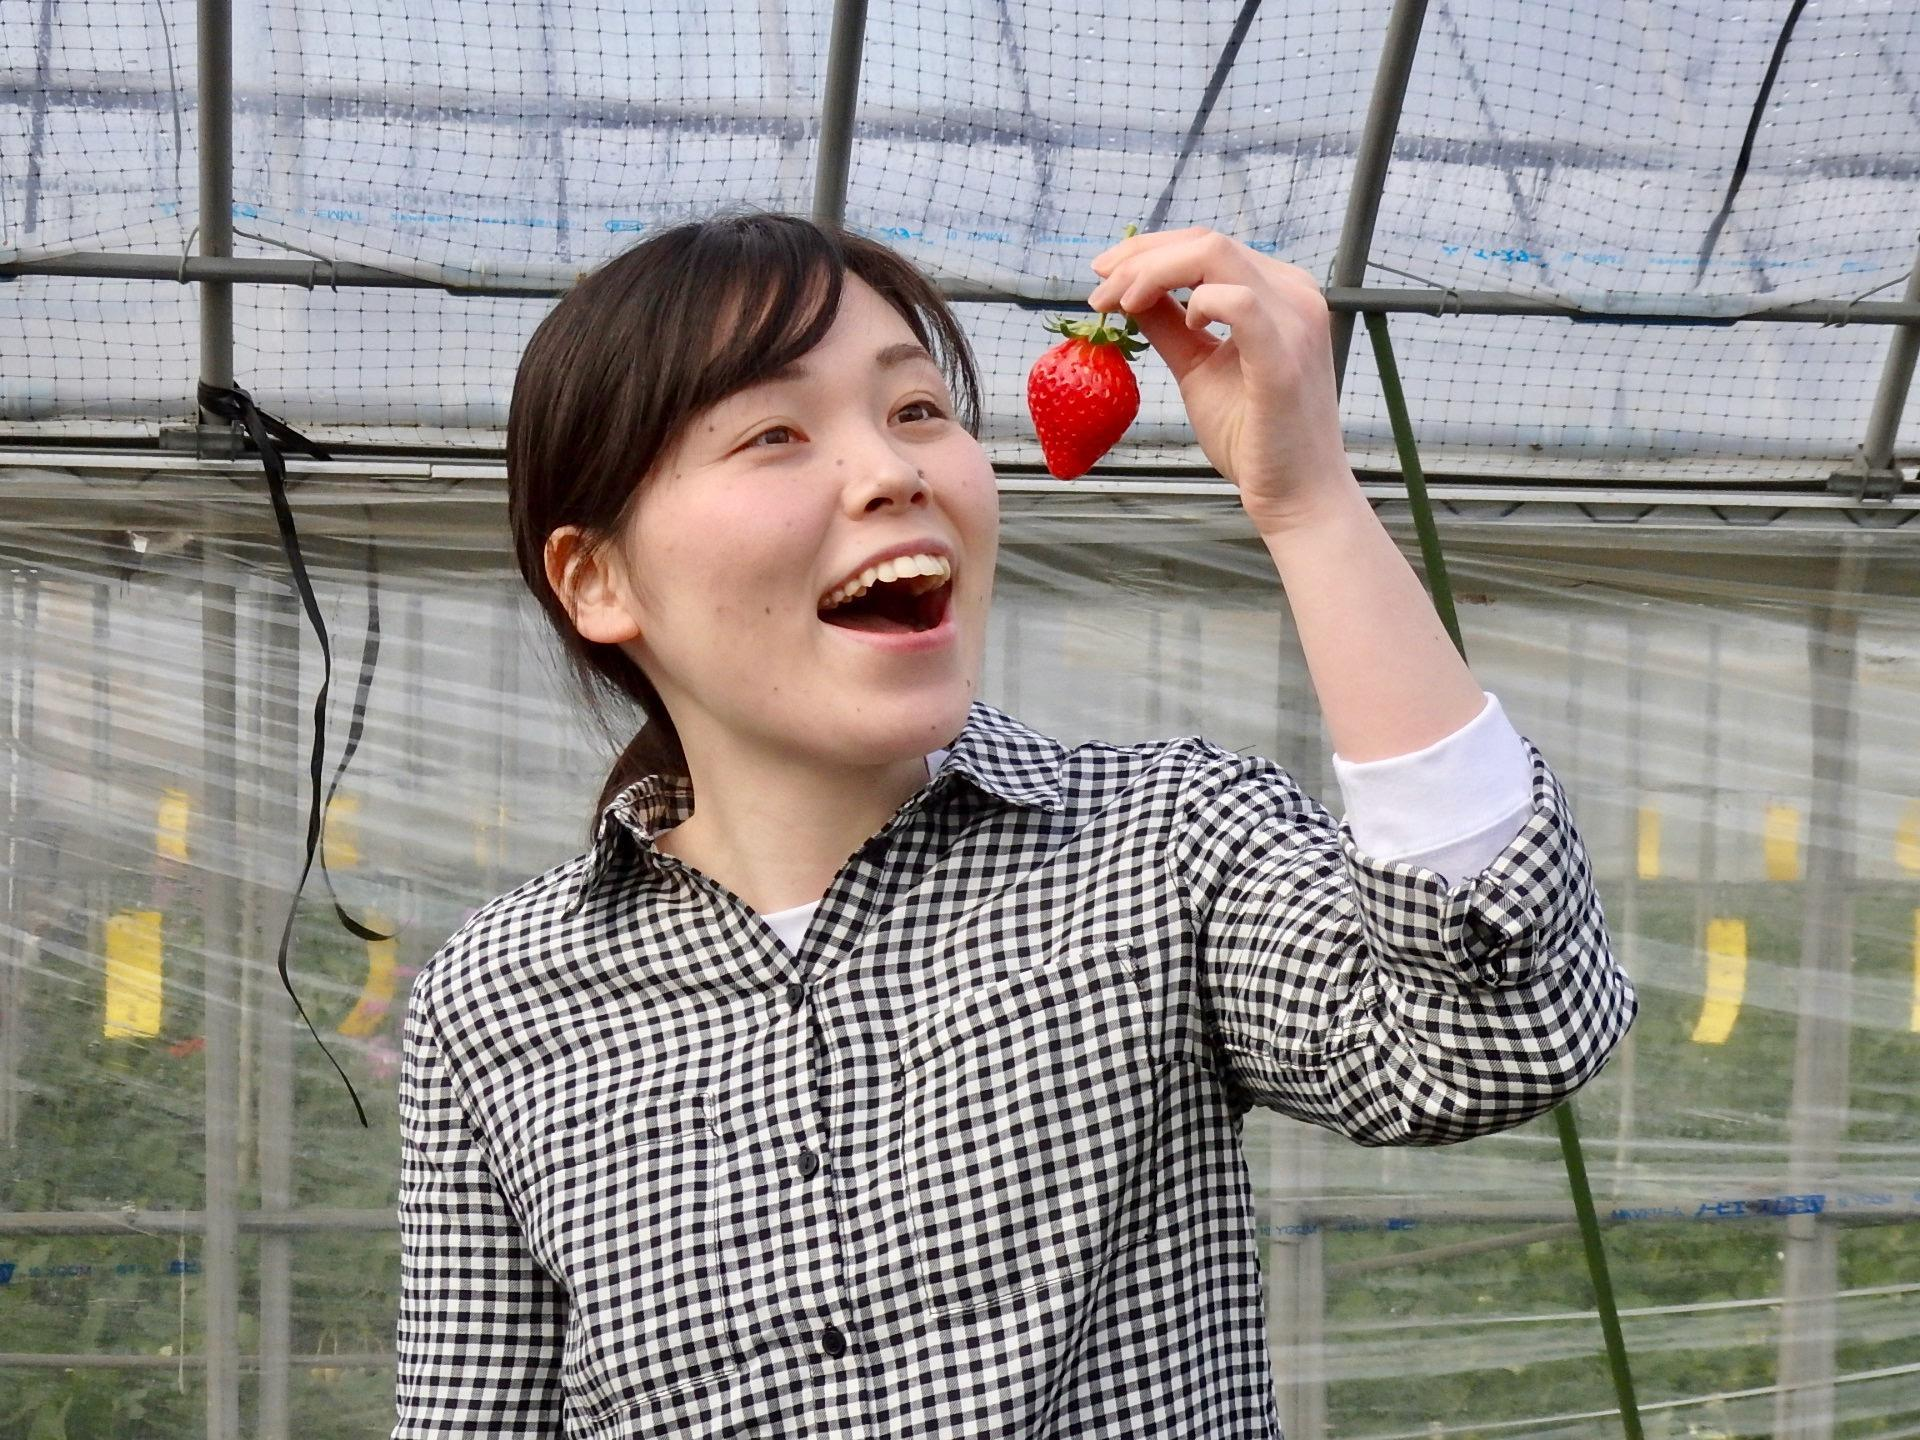 http://news.yoshimoto.co.jp/20190201171746-c240e29579ae428a63772e1f03e15f862b0f76c8.jpeg